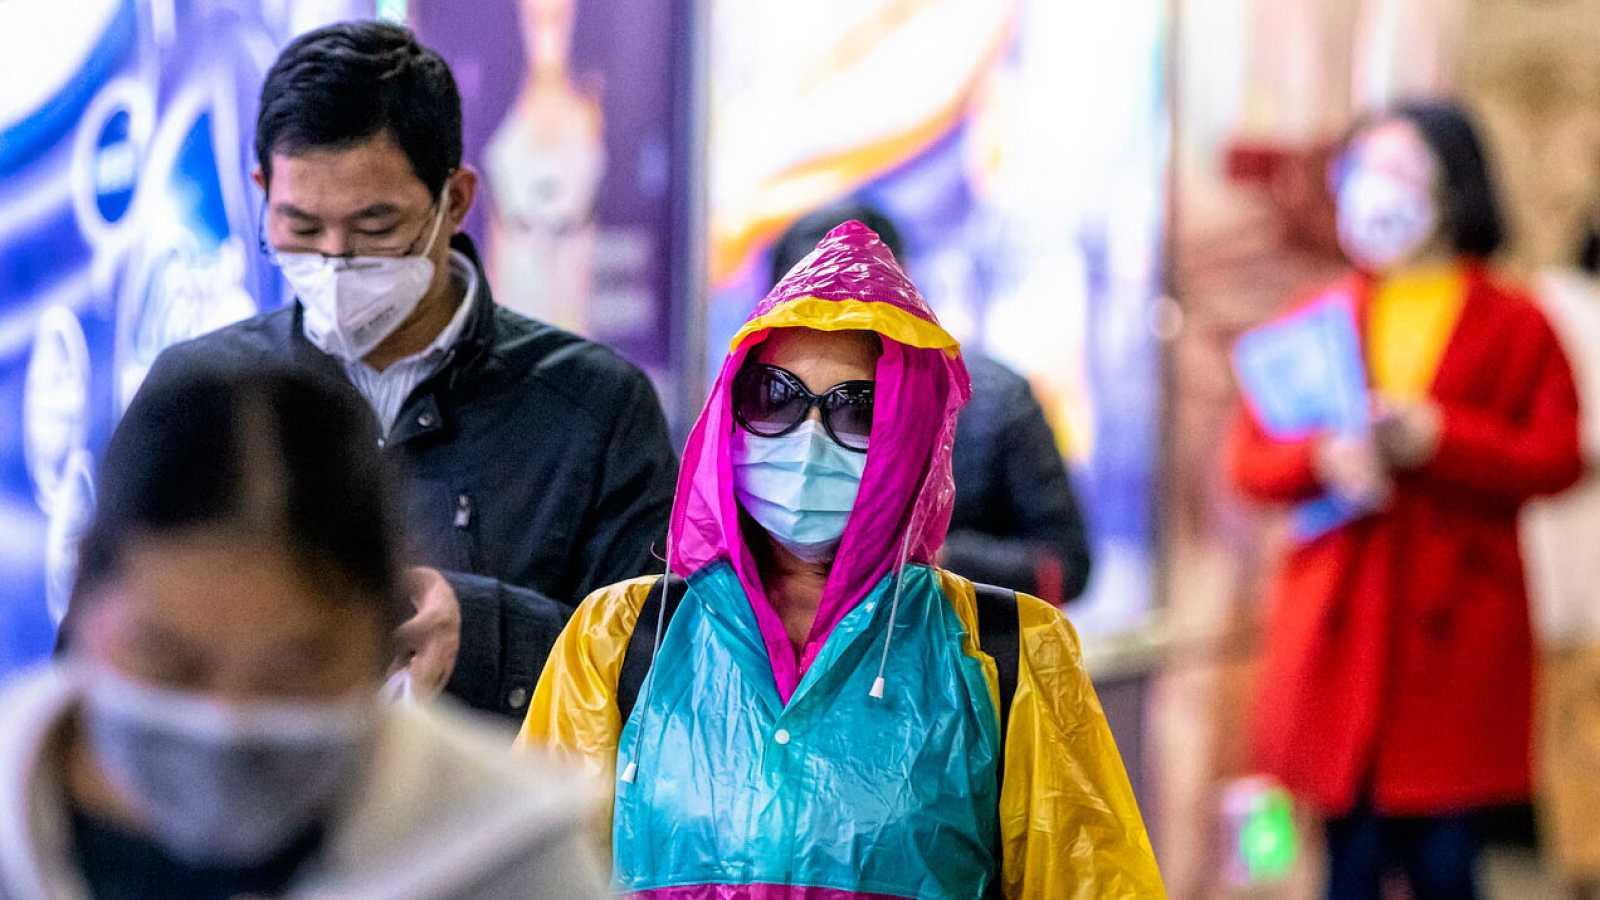 """Coronavirus: la OMS pide cautela y recuerda que """"este brote puede moverse todavía en cualquier dirección"""""""